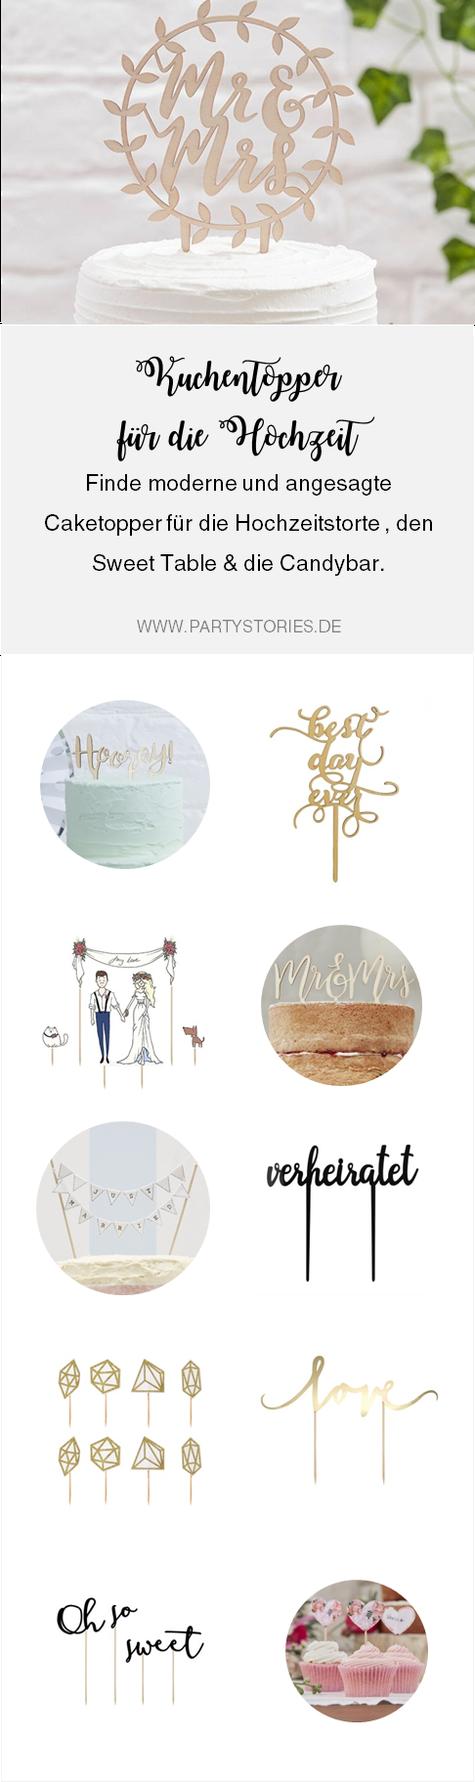 Hochzeitstorte dekorieren - finde schöne und moderne Kuchentopper und Caketopper für die Hochzeitstorte, den Sweet Table und die Candybar, eine Übersicht von www.partystories.de